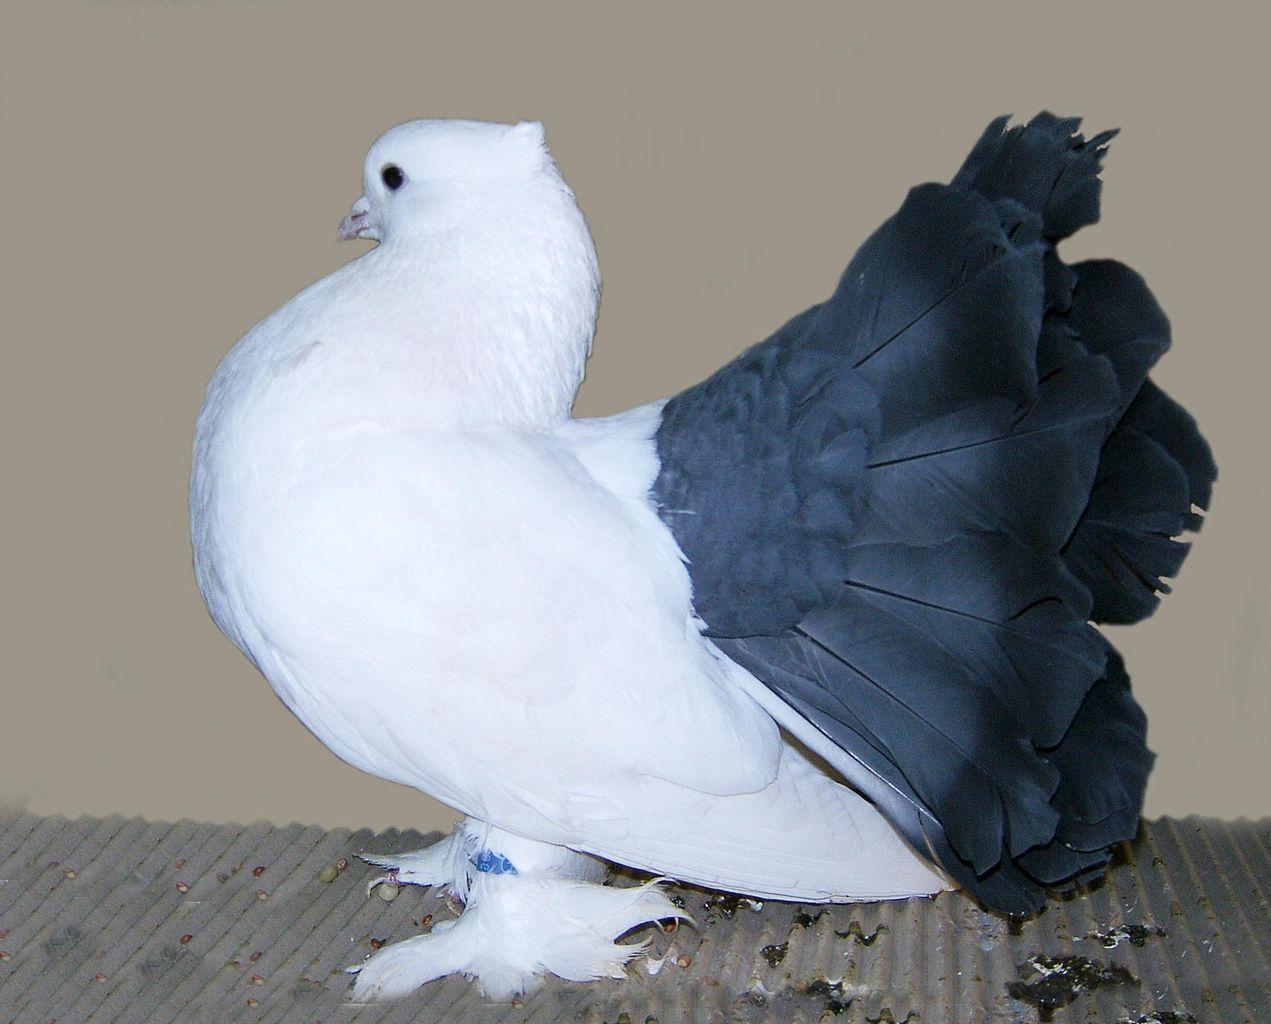 بالصور اجمل حمام , اجمل انواع الطيور وانضفهم فى التربية 302 6